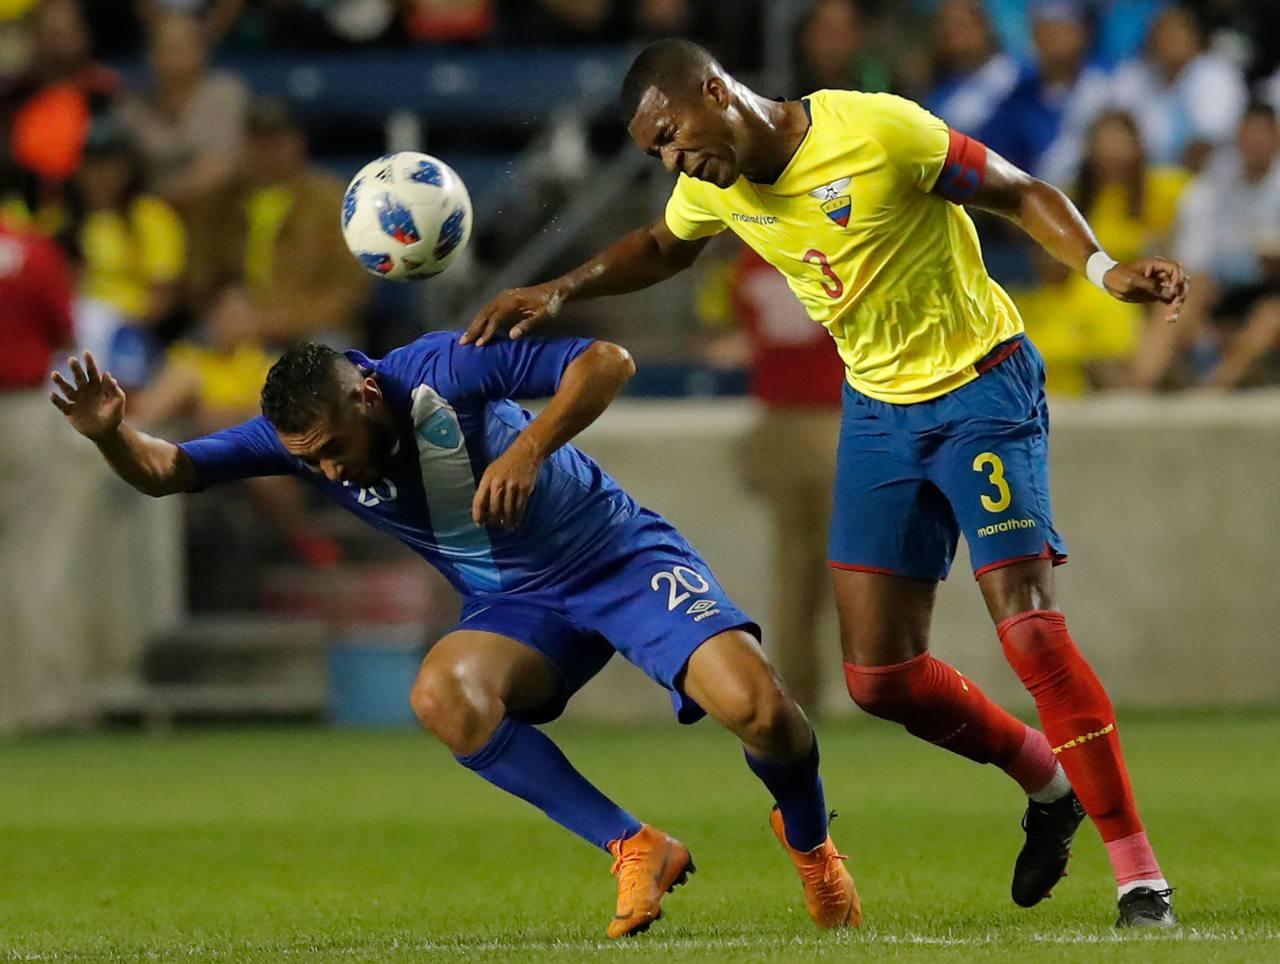 Habría acuerdo económico para que el 'Elegante' regrese al fútbol del exterior